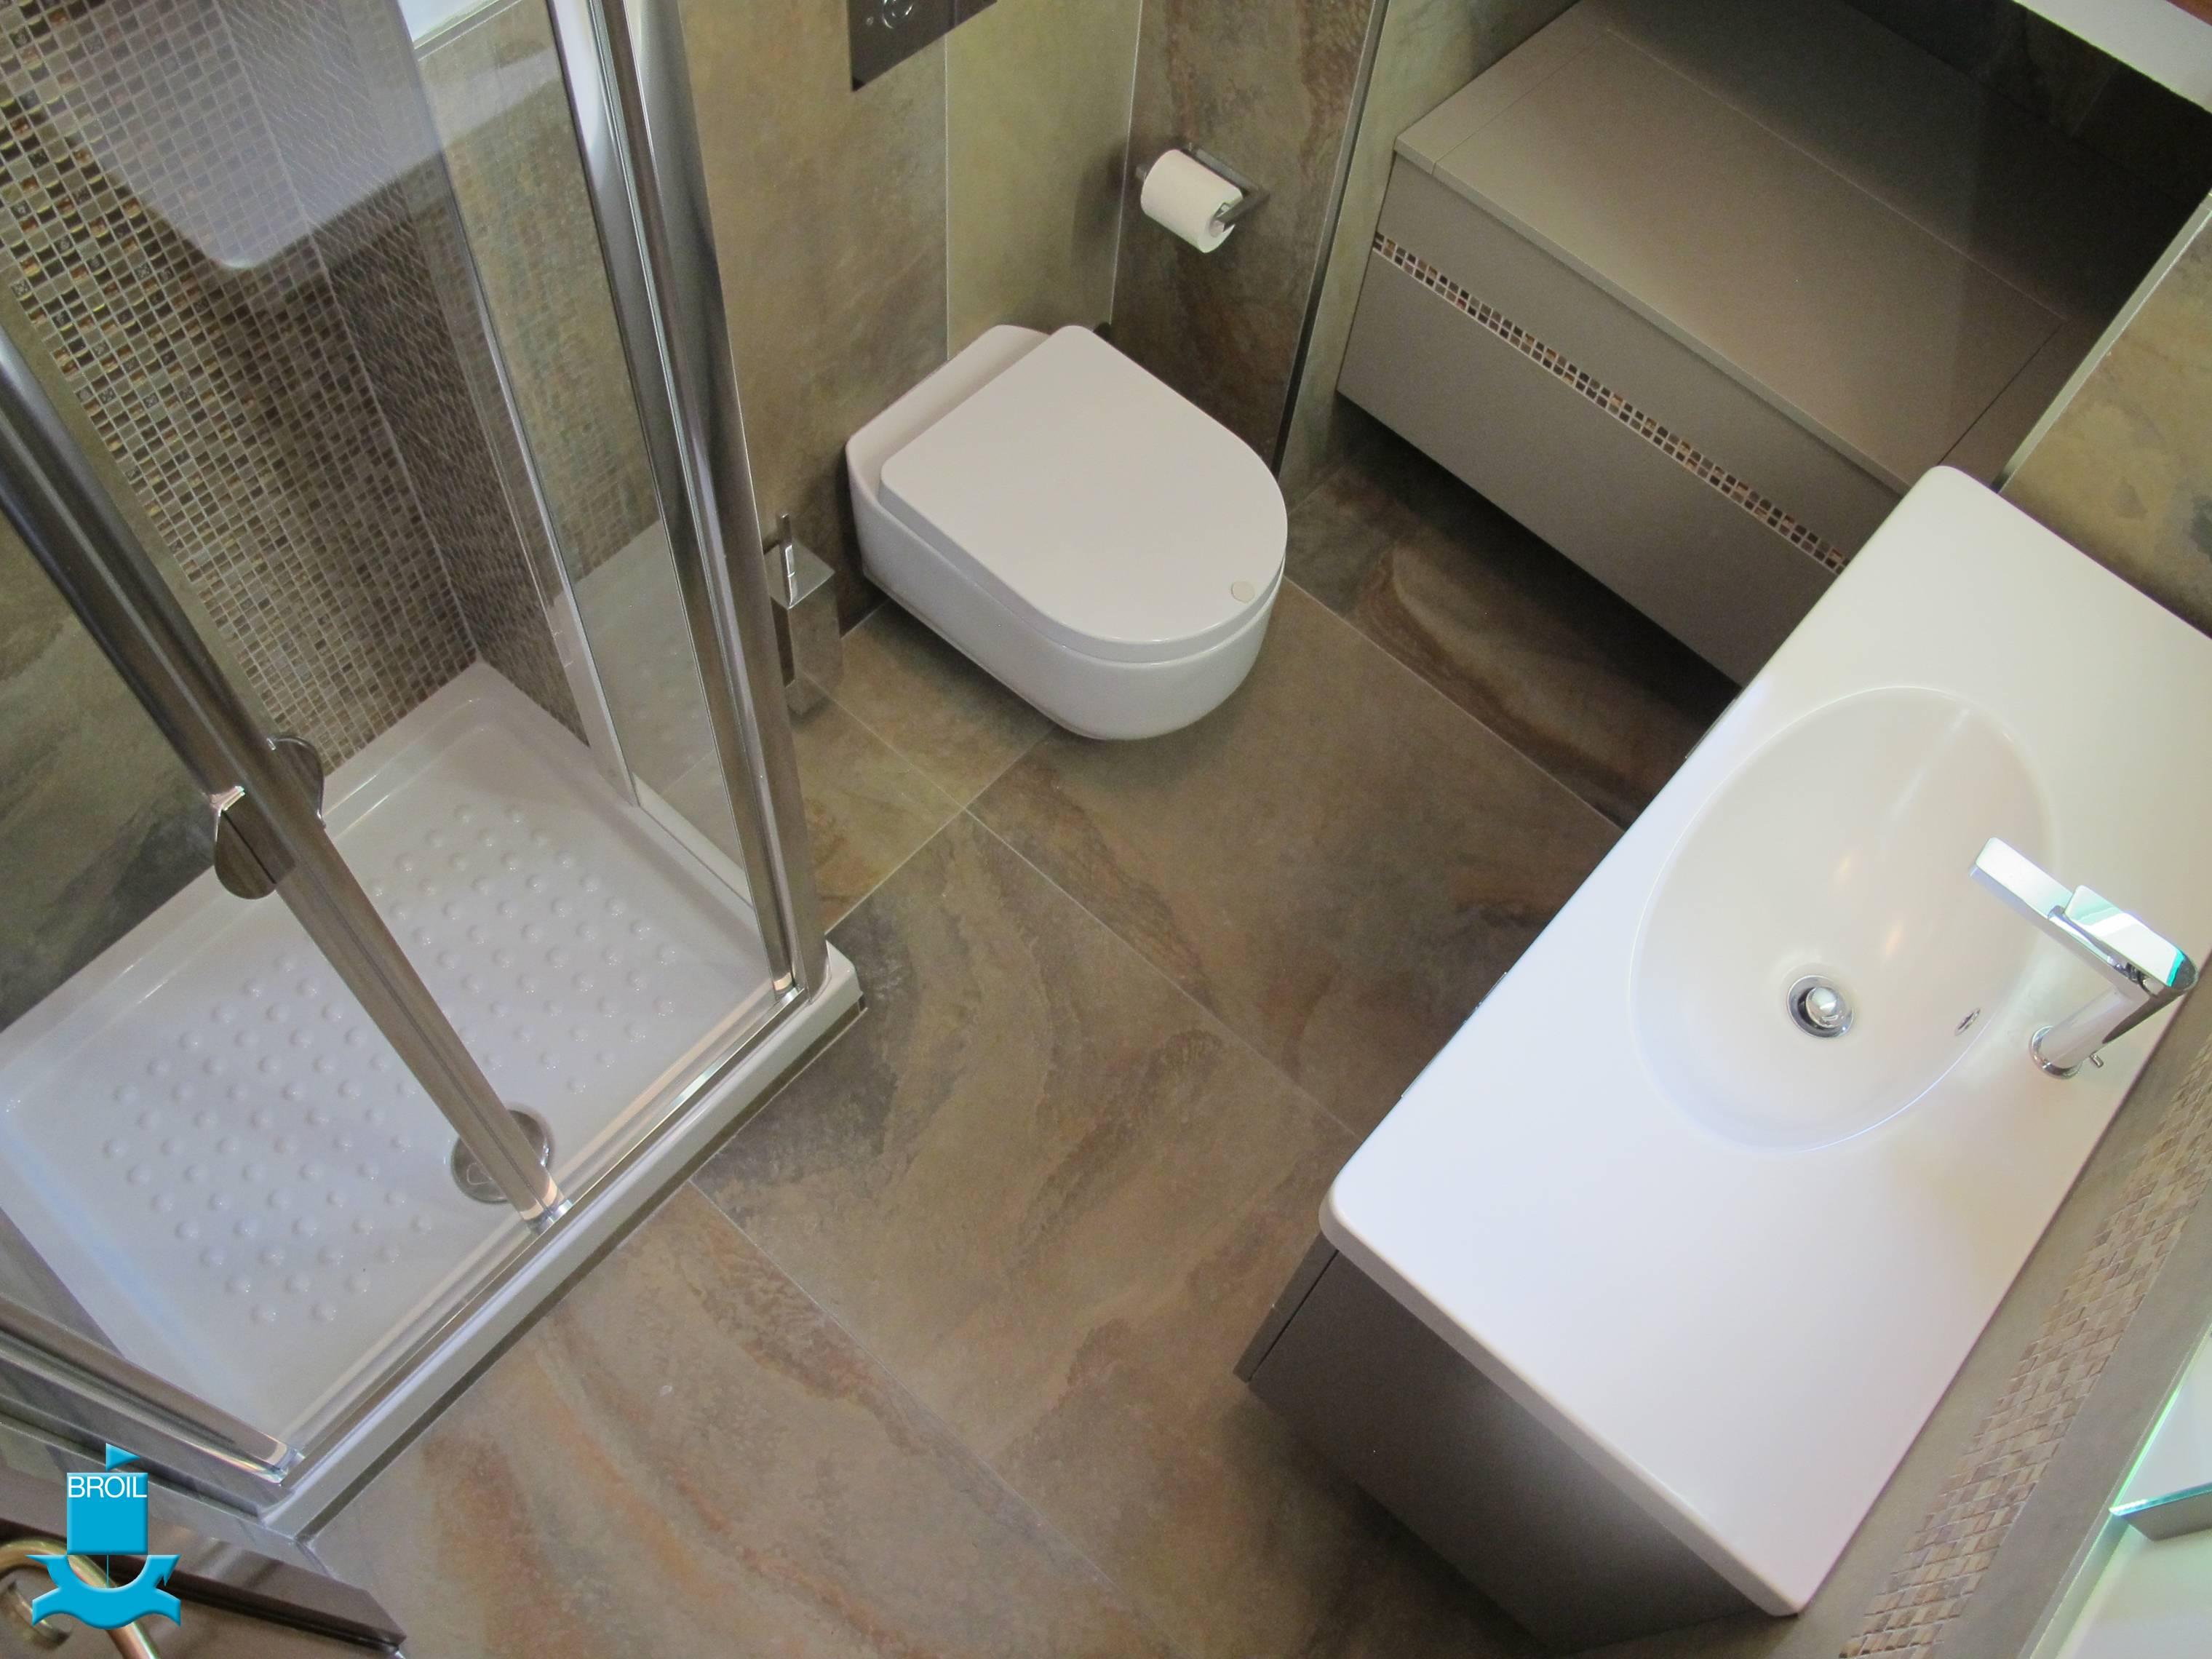 Arredamento bagno arredamento bagno broil s r l - Arredamento da bagno ...